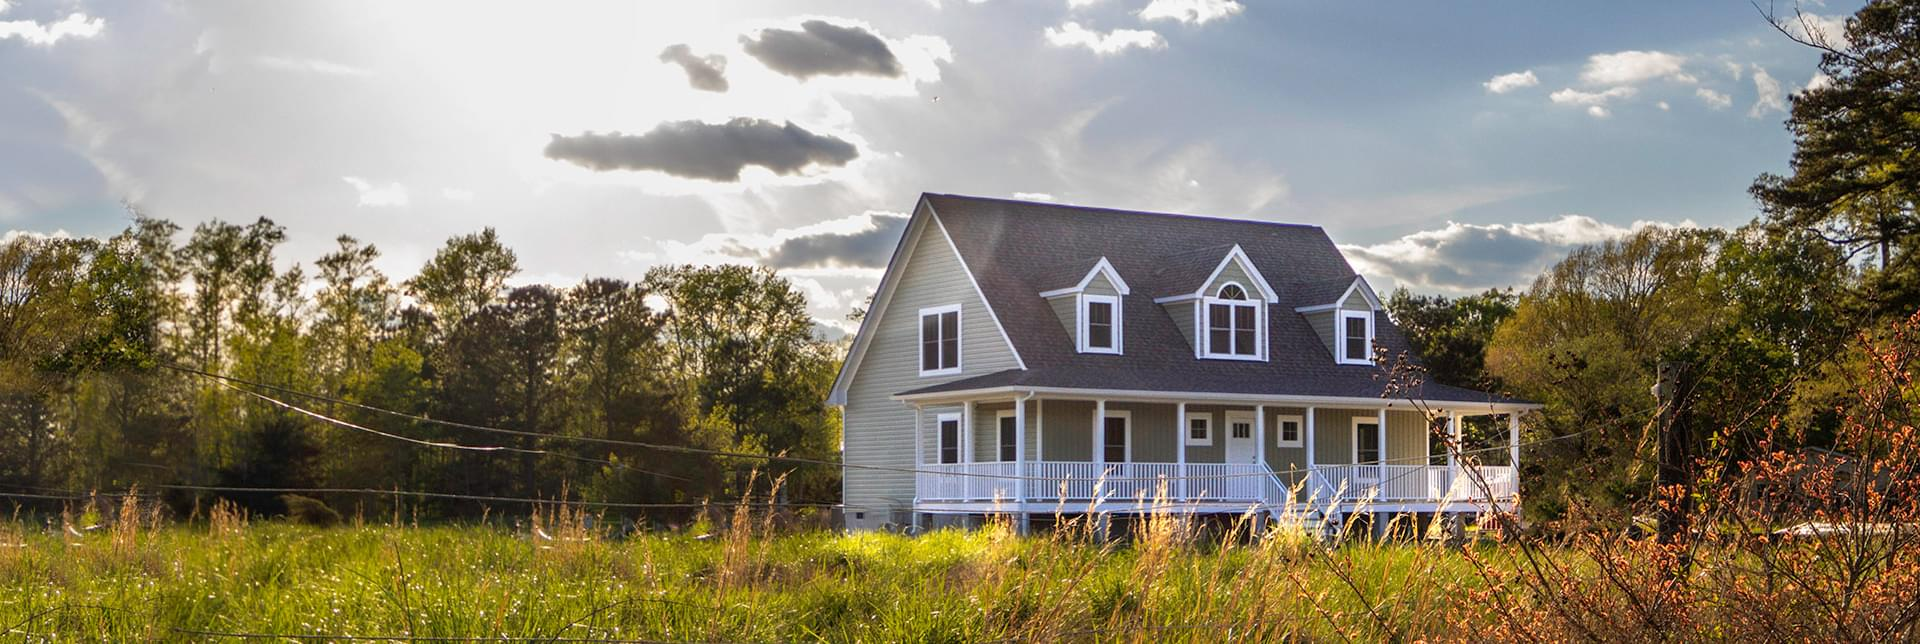 New Homes in Suffolk VA